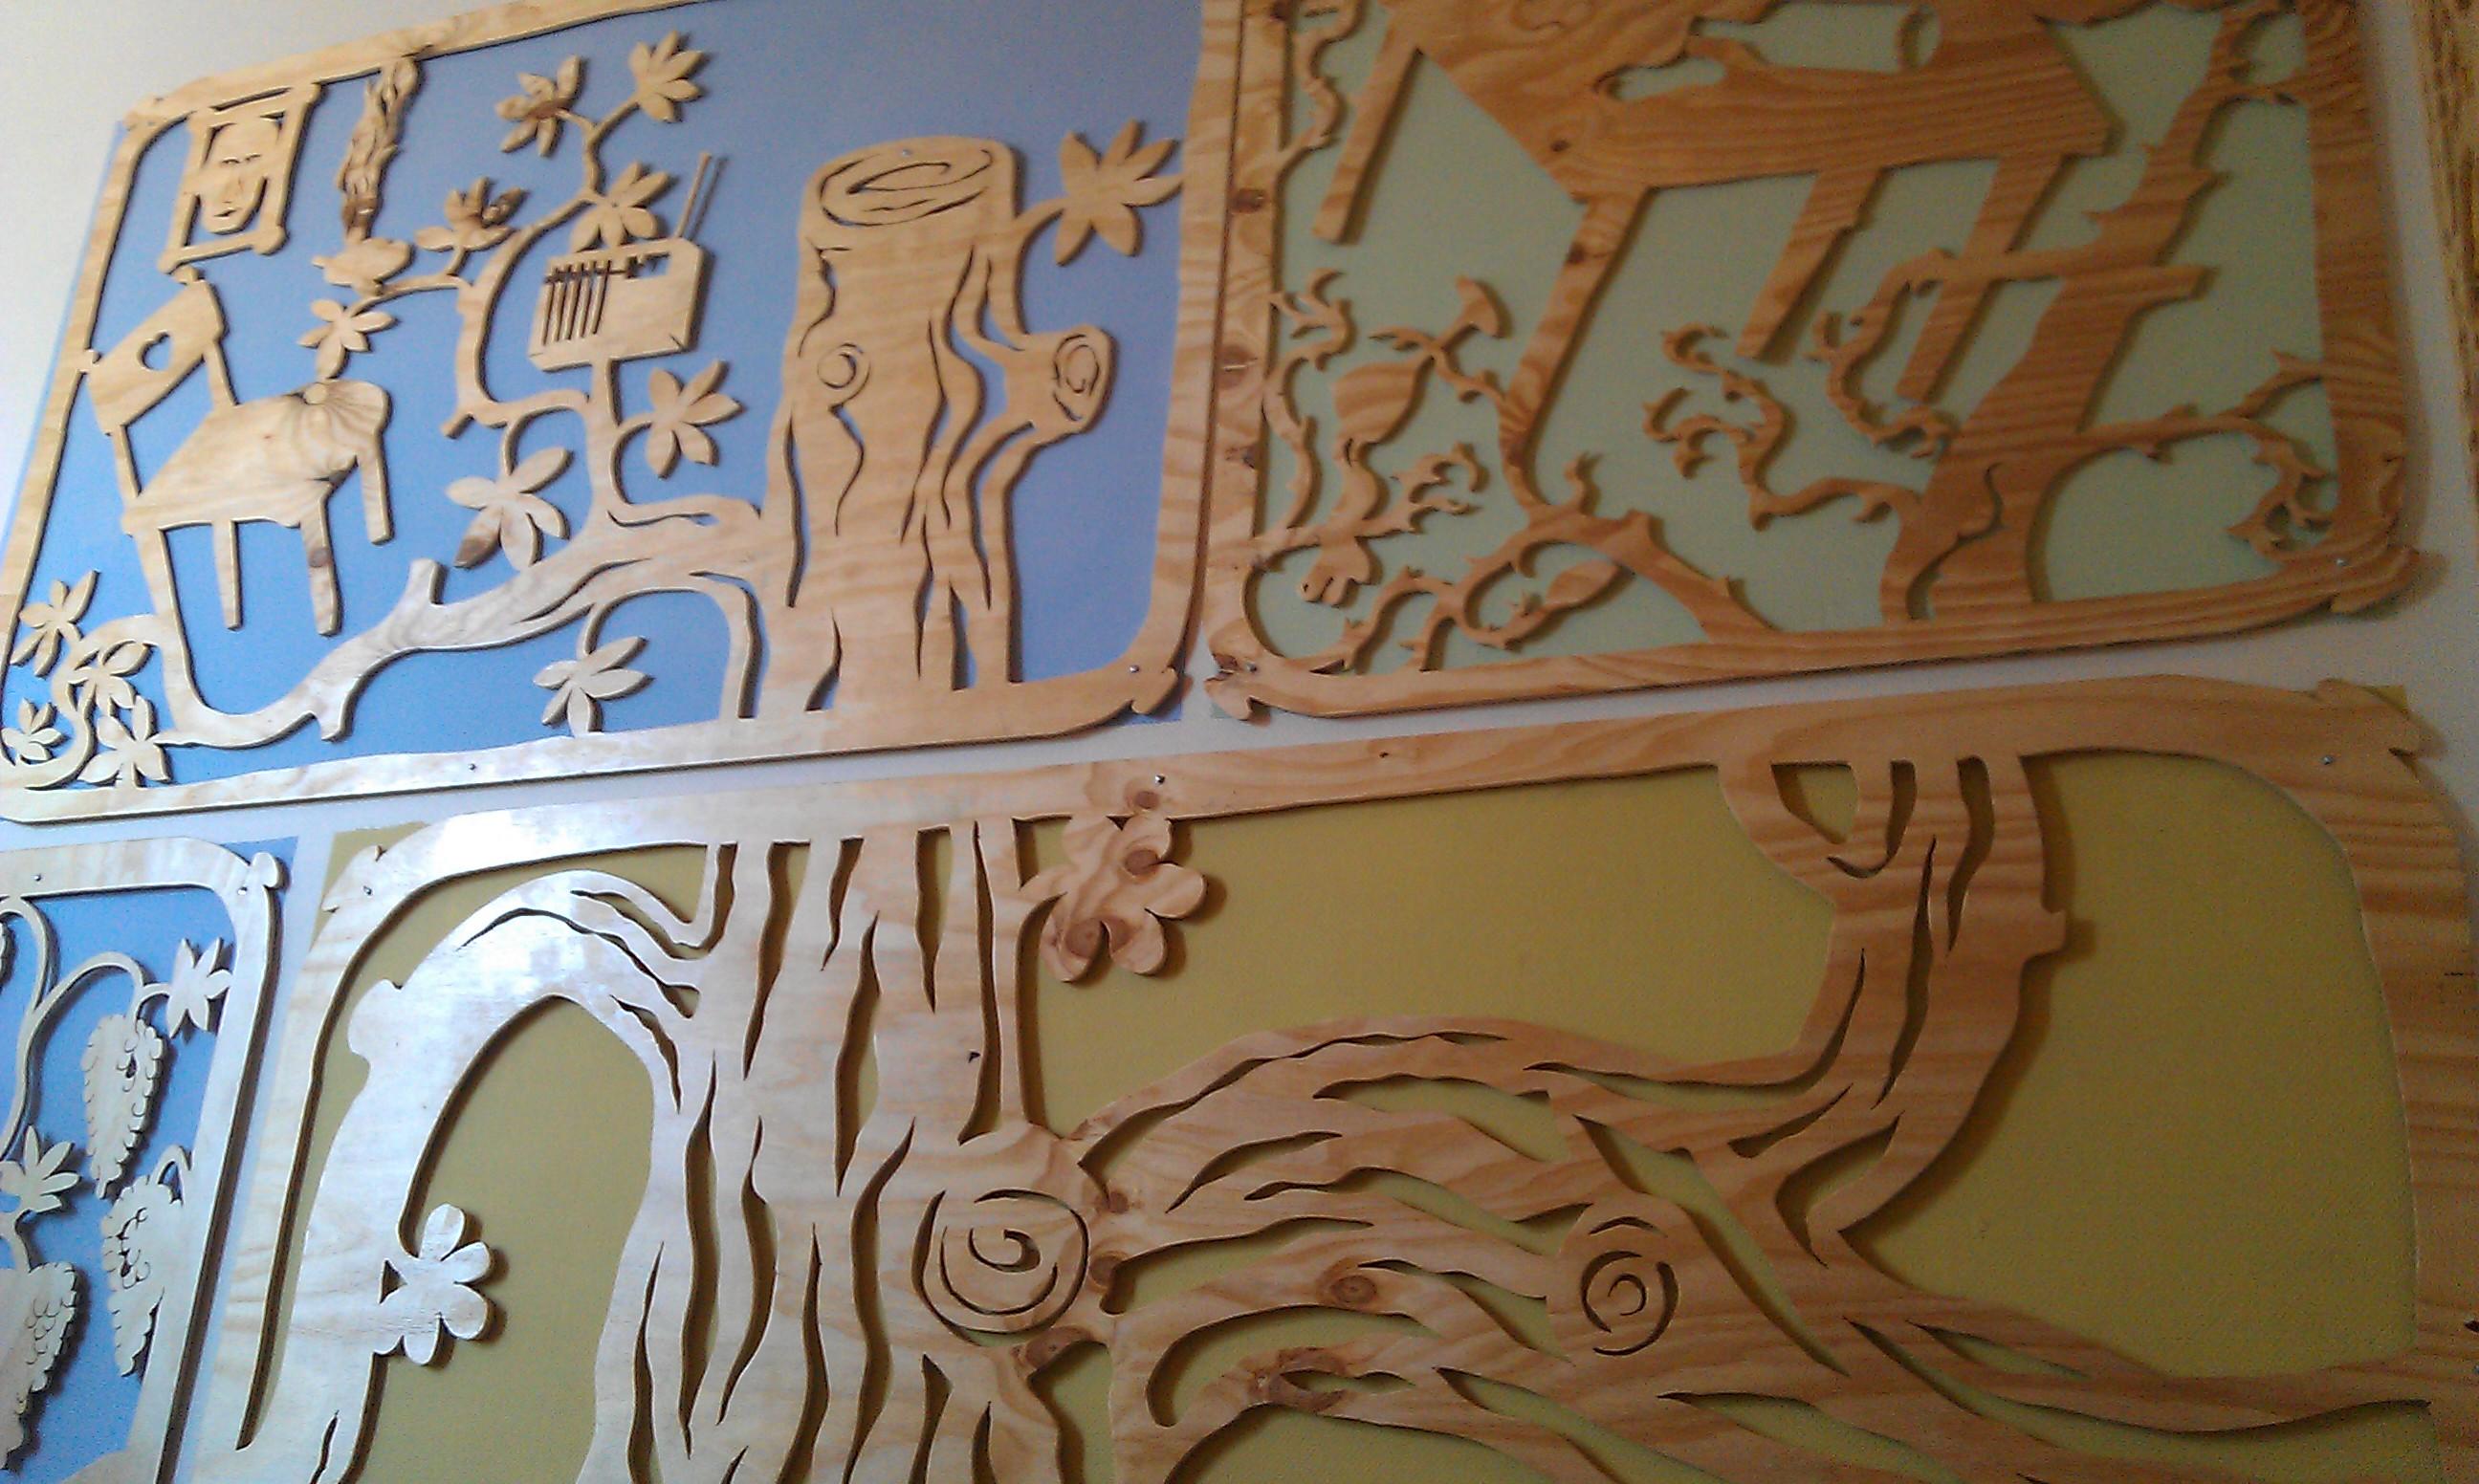 Levensloop - 7 panelen met de (s)loop des levens -Merijn Tinga - Atelier Tinga